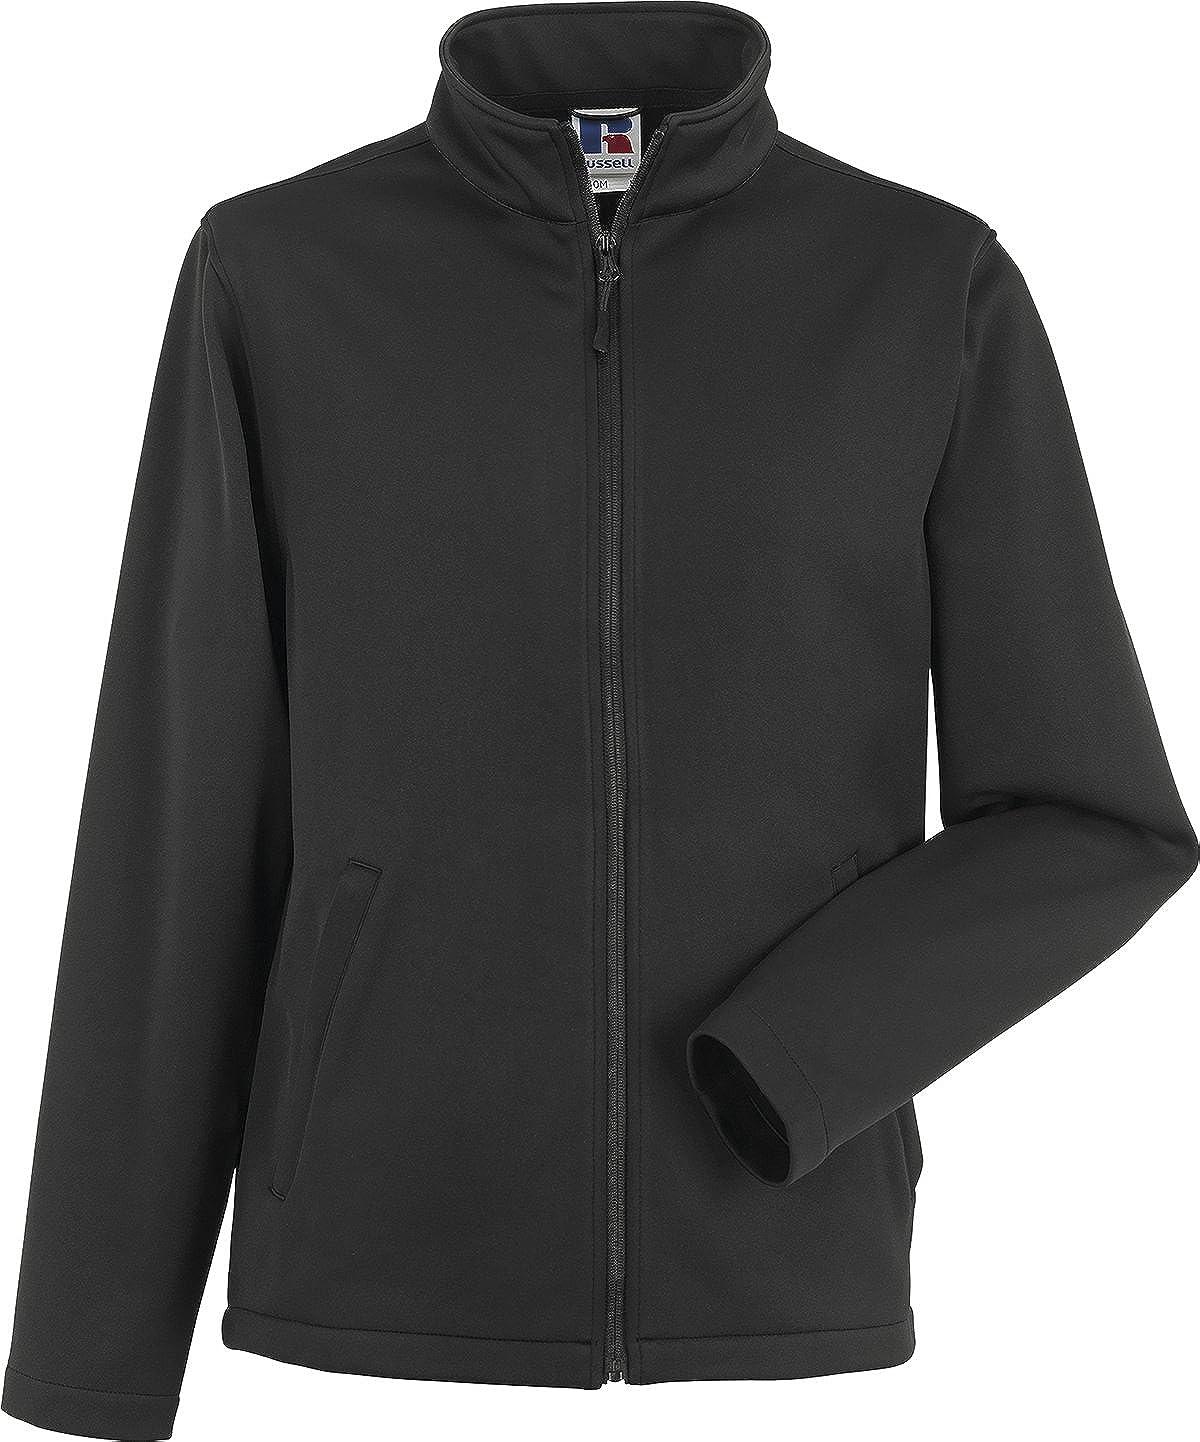 9b08615f Russell Europe Smart Softshell Jacket: Amazon.co.uk: Clothing